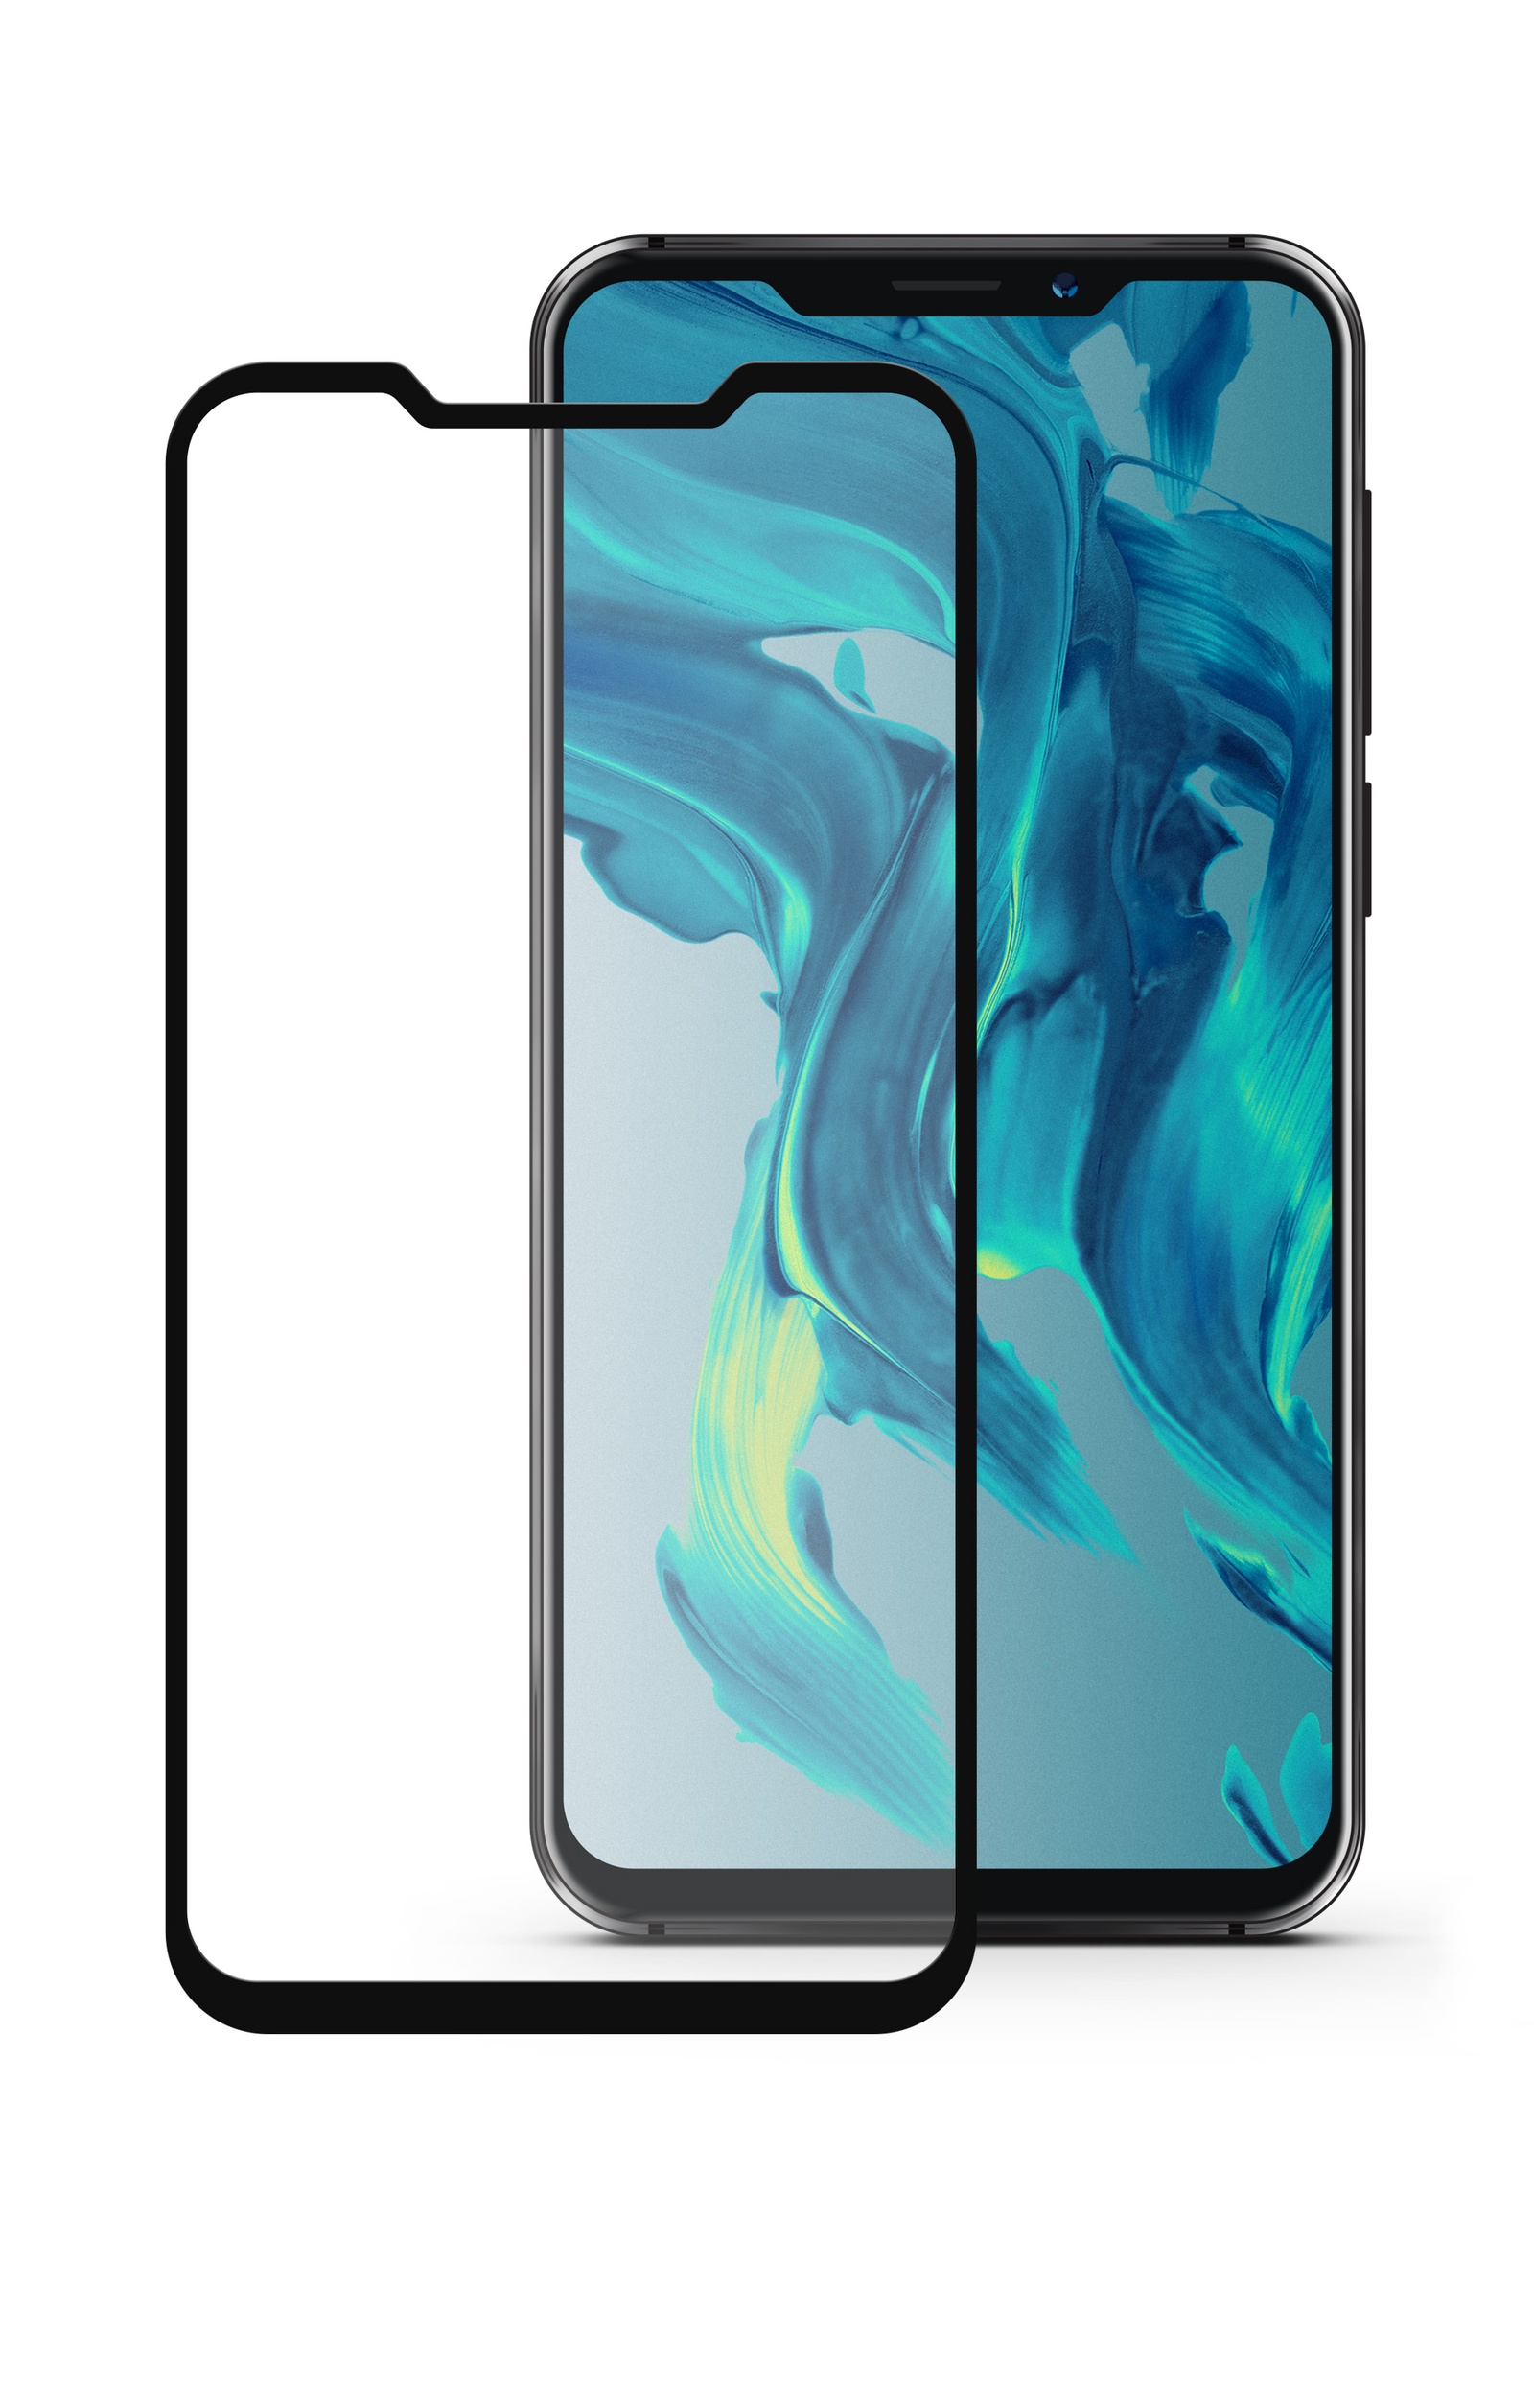 Защитное стекло Mobius для Meizu X8 3D Full Cover (Black) аксессуар защитное стекло mobius для honor 7c pro 3d full cover black 4232 208